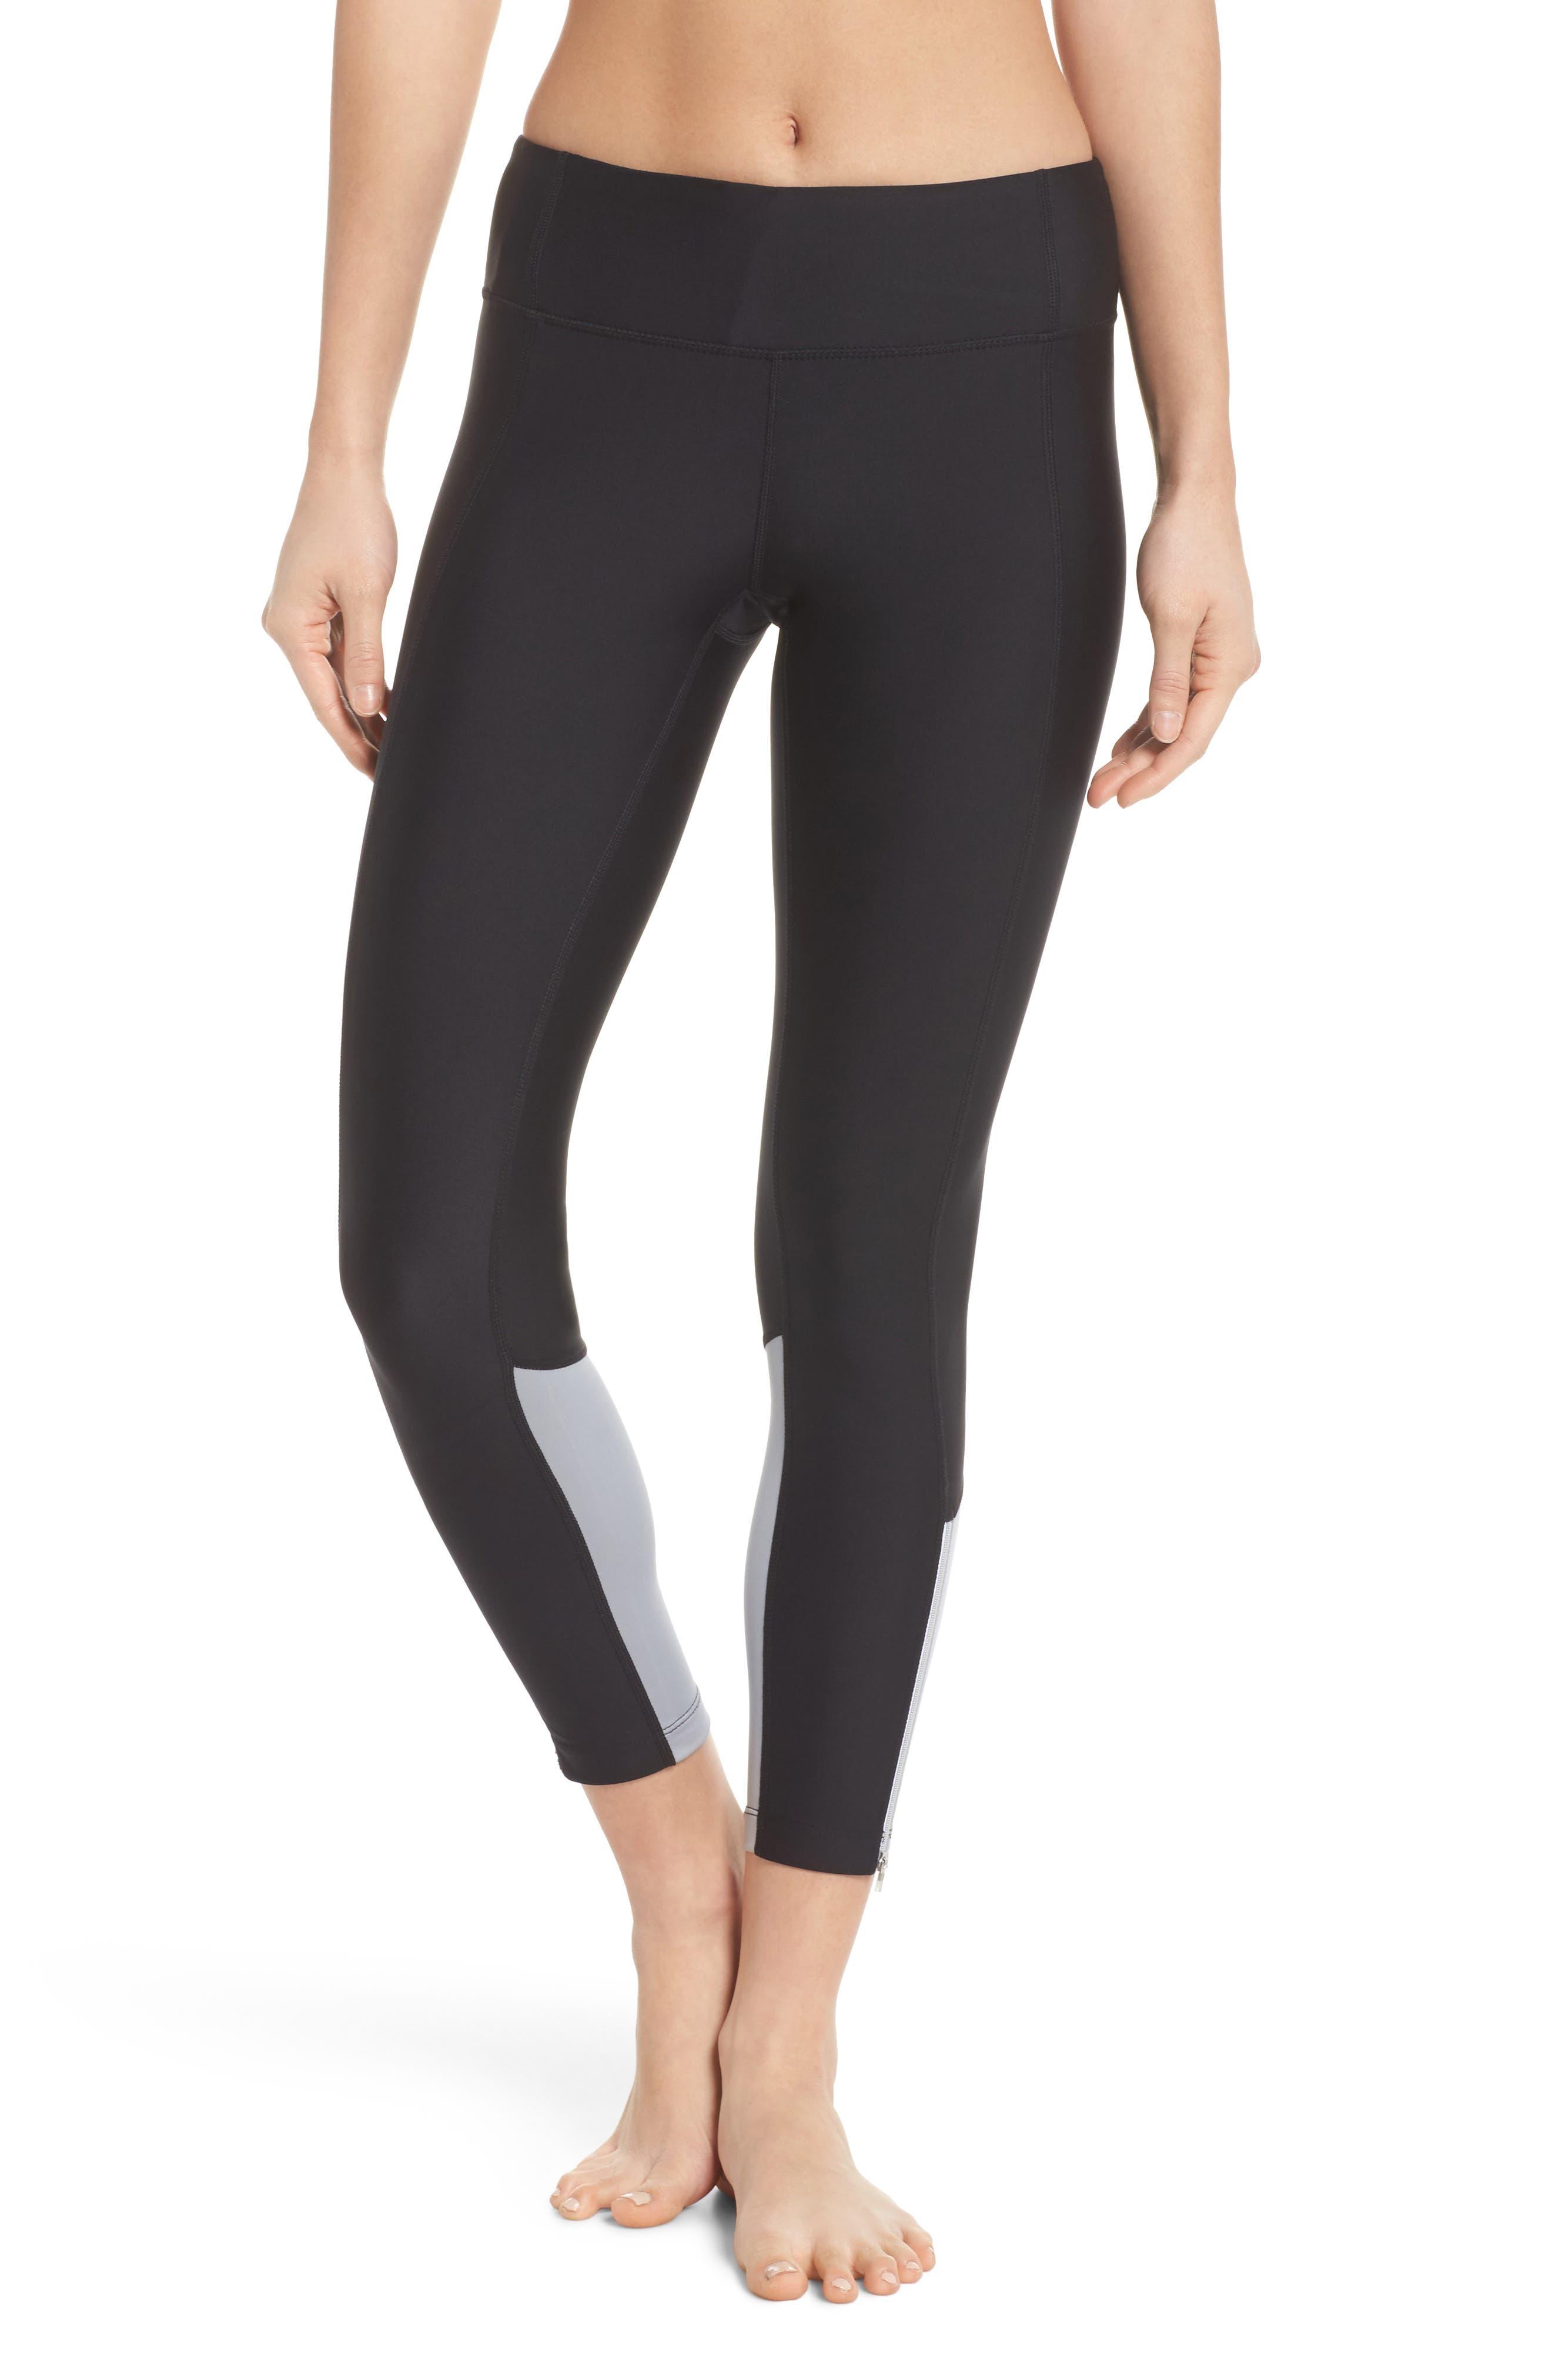 Machina Midi Leggings,                         Main,                         color, Black